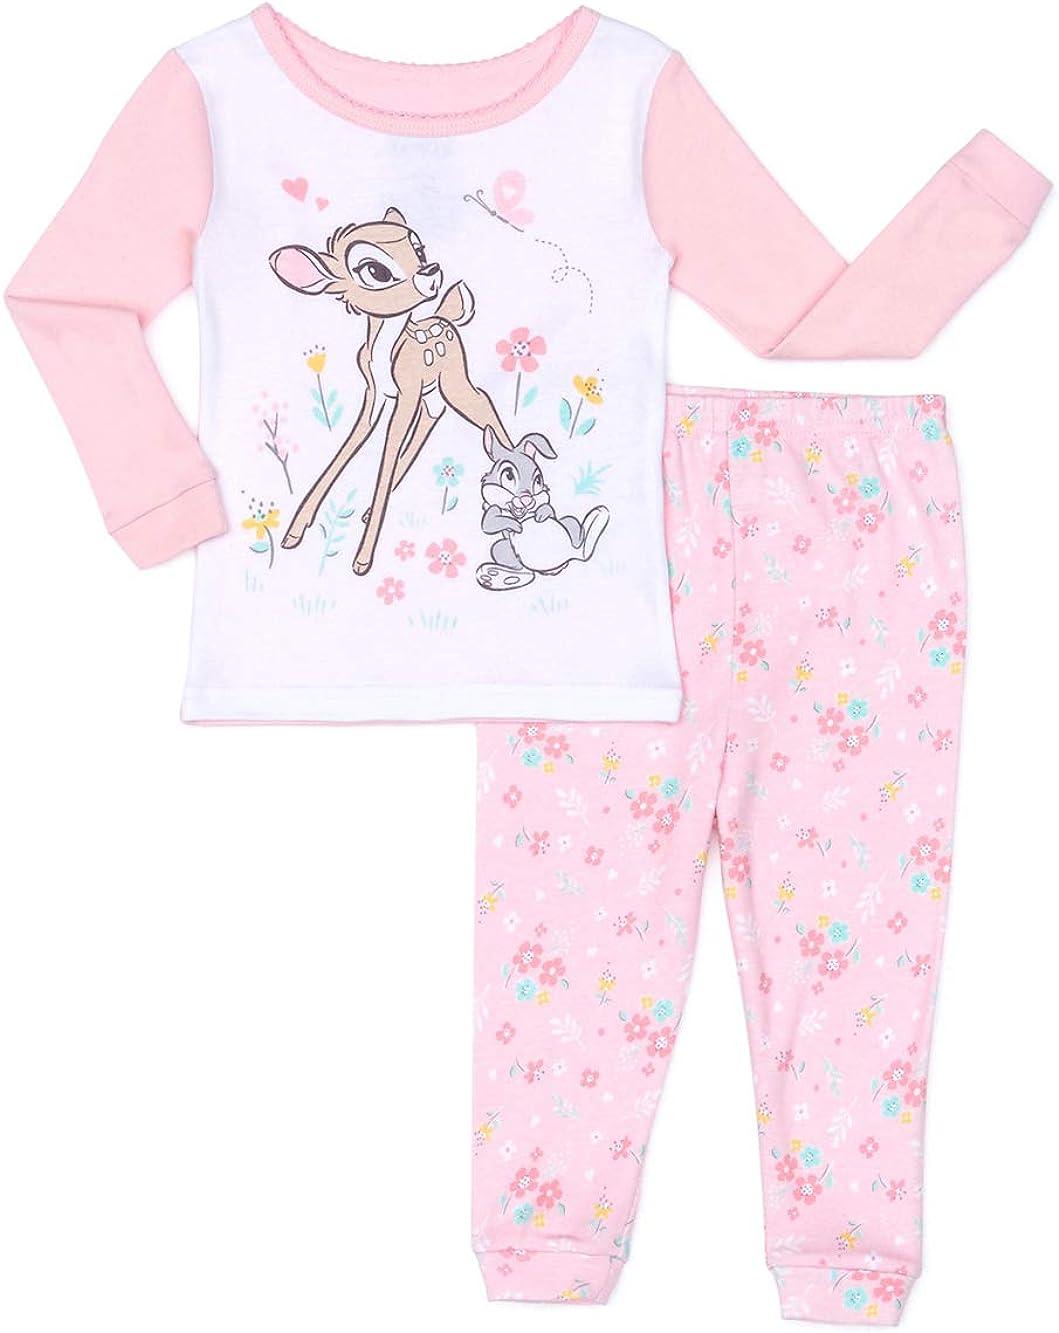 Bambi & Thumper Baby Girl Microfleece Blanket Sleeper Pajamas